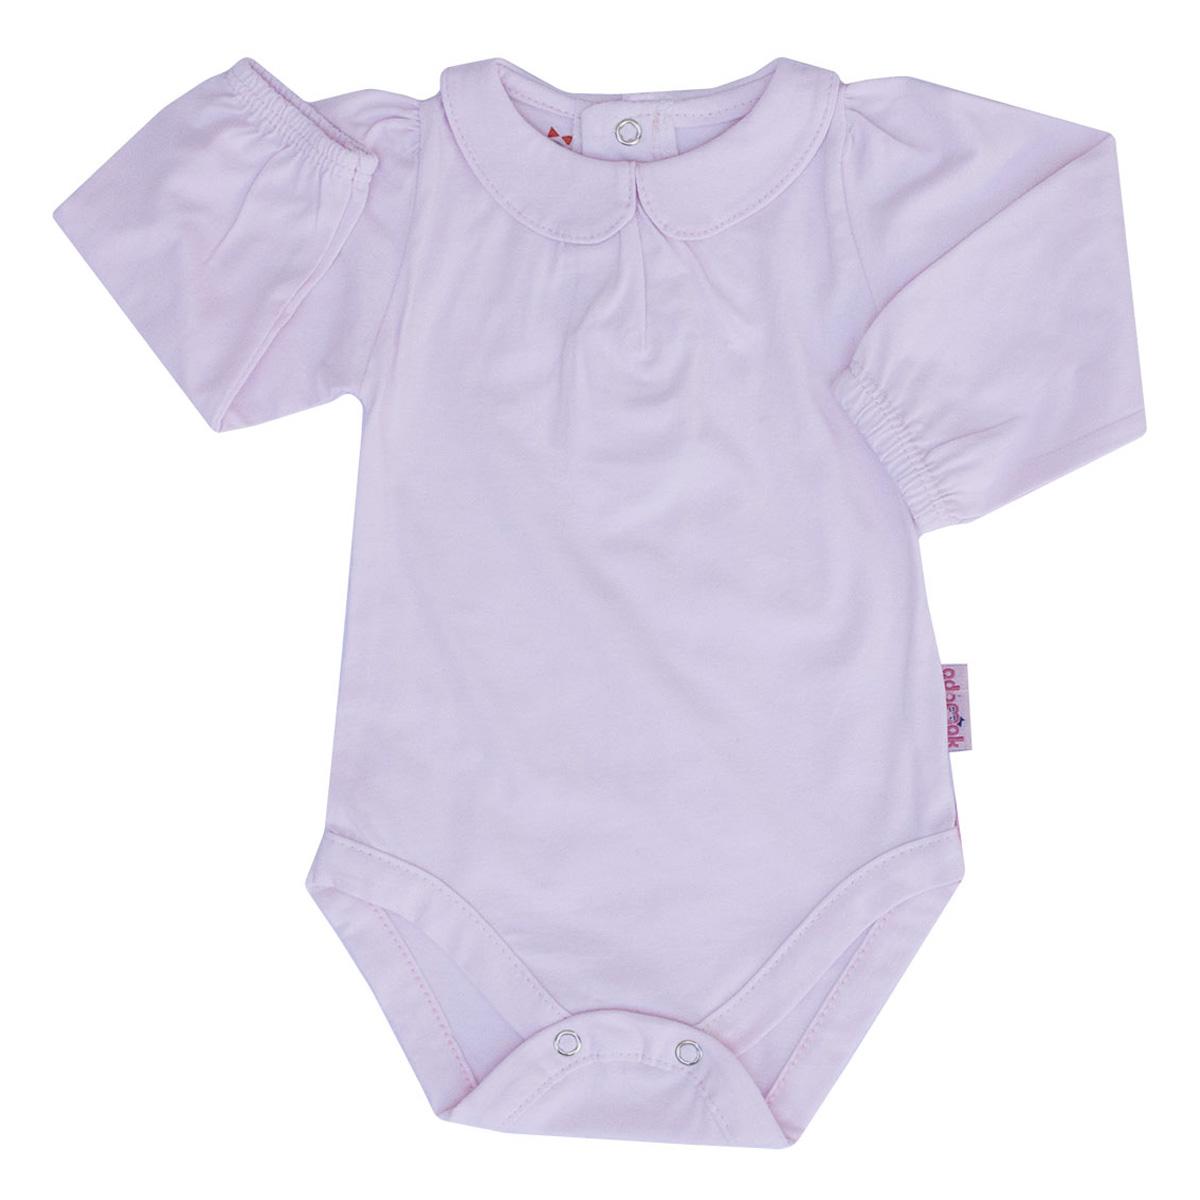 لباس زیر دکمه دار نوزادی آدمک مدل 176500 رنگ صورتی روشن